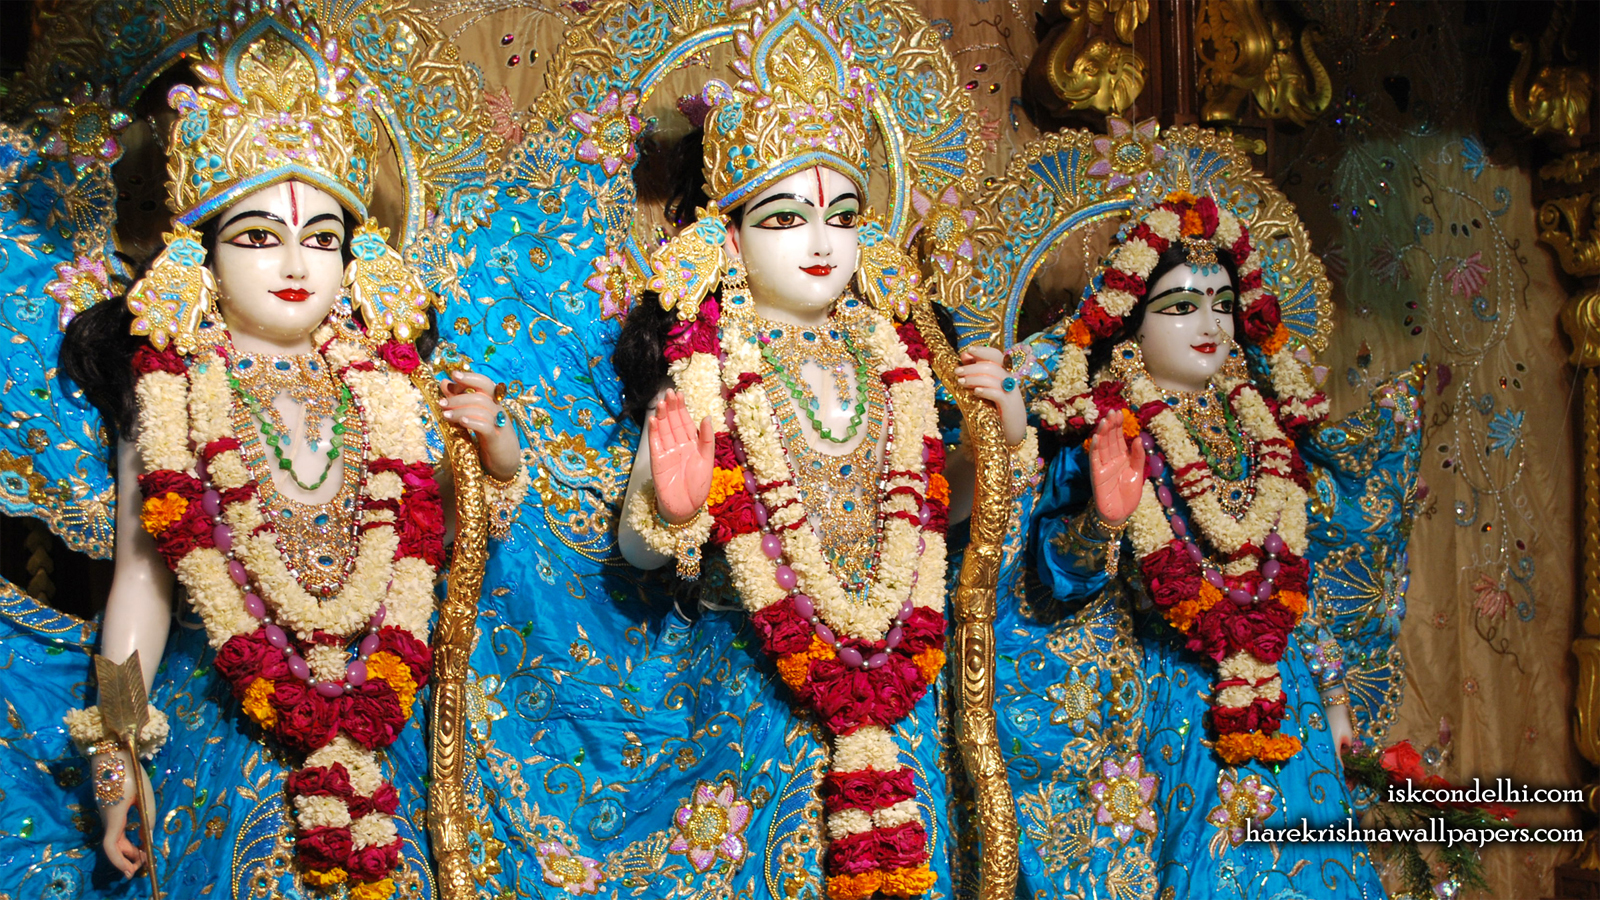 Sri Sri Sita Rama Laxman Wallpaper (009) Size 1600x900 Download